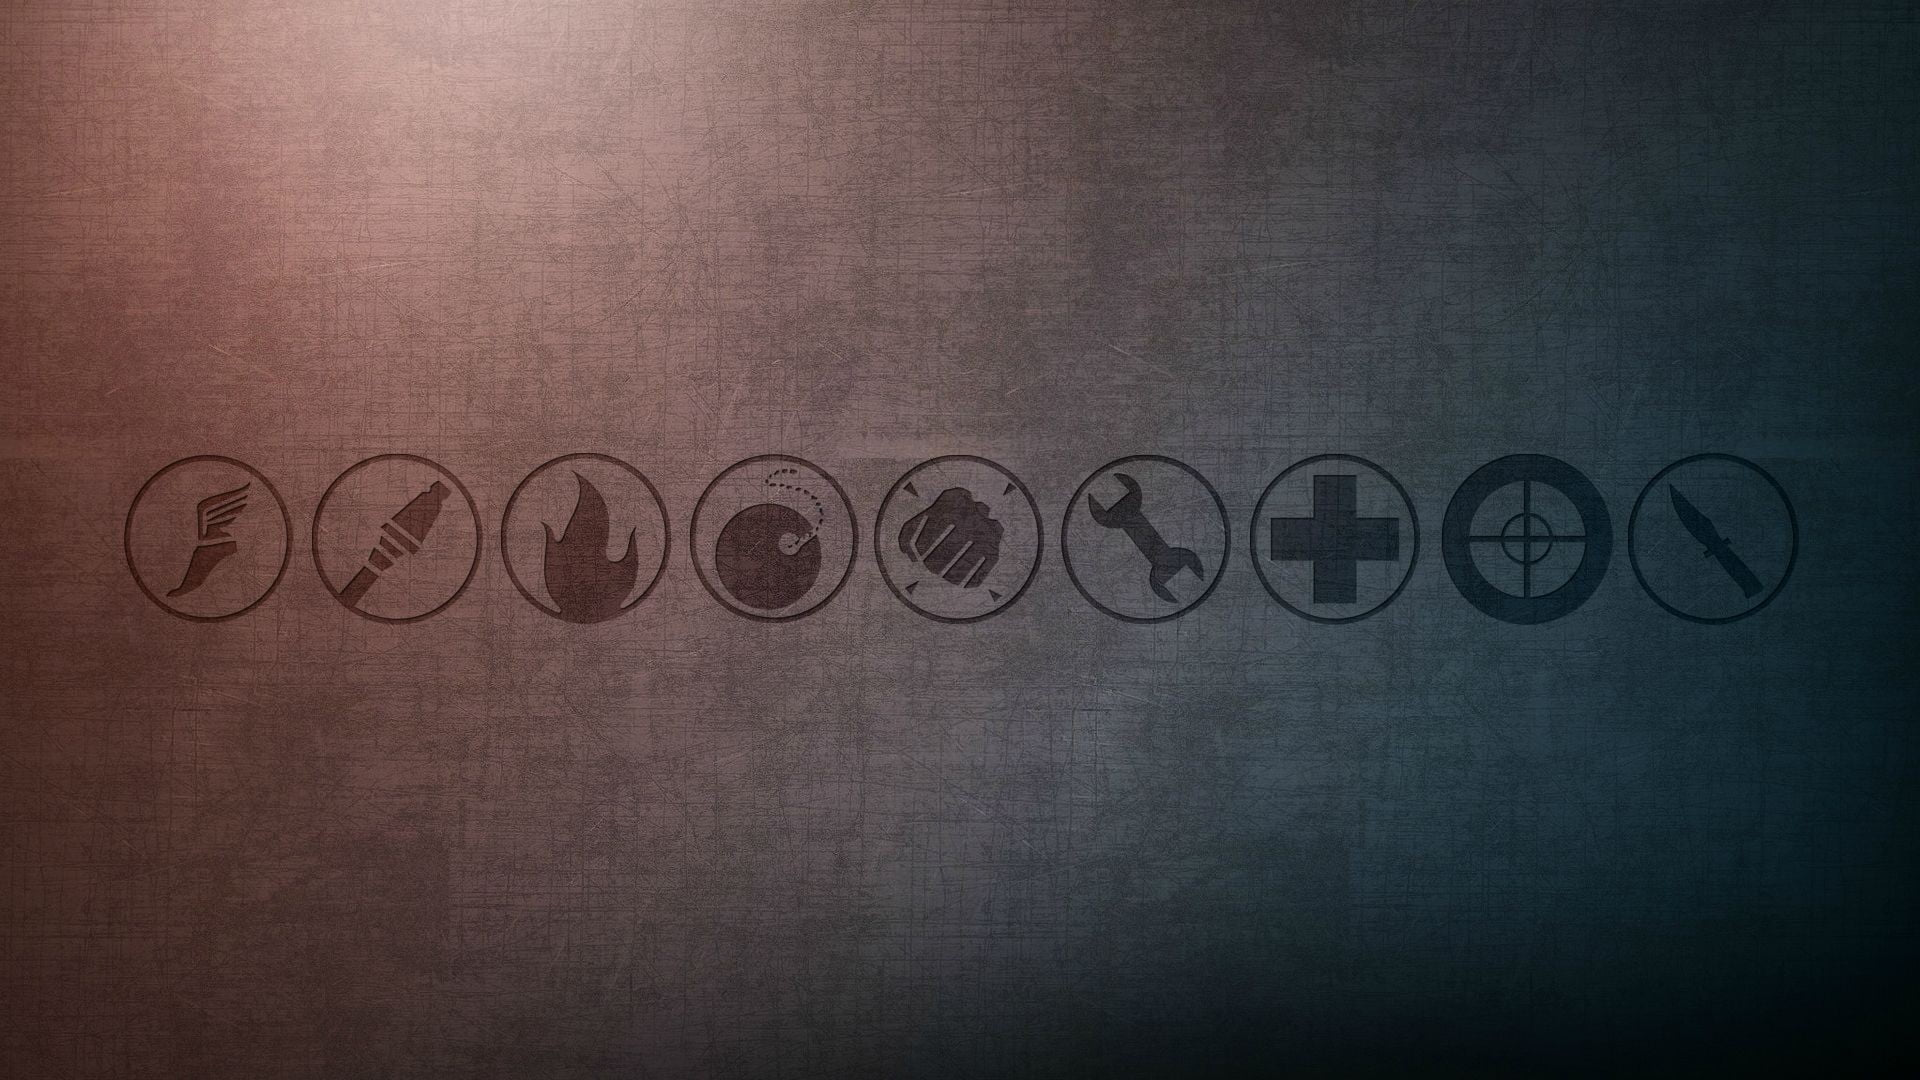 Team Fortress 2 minimalism video games HD wallpaper Wallpaper 1920x1080